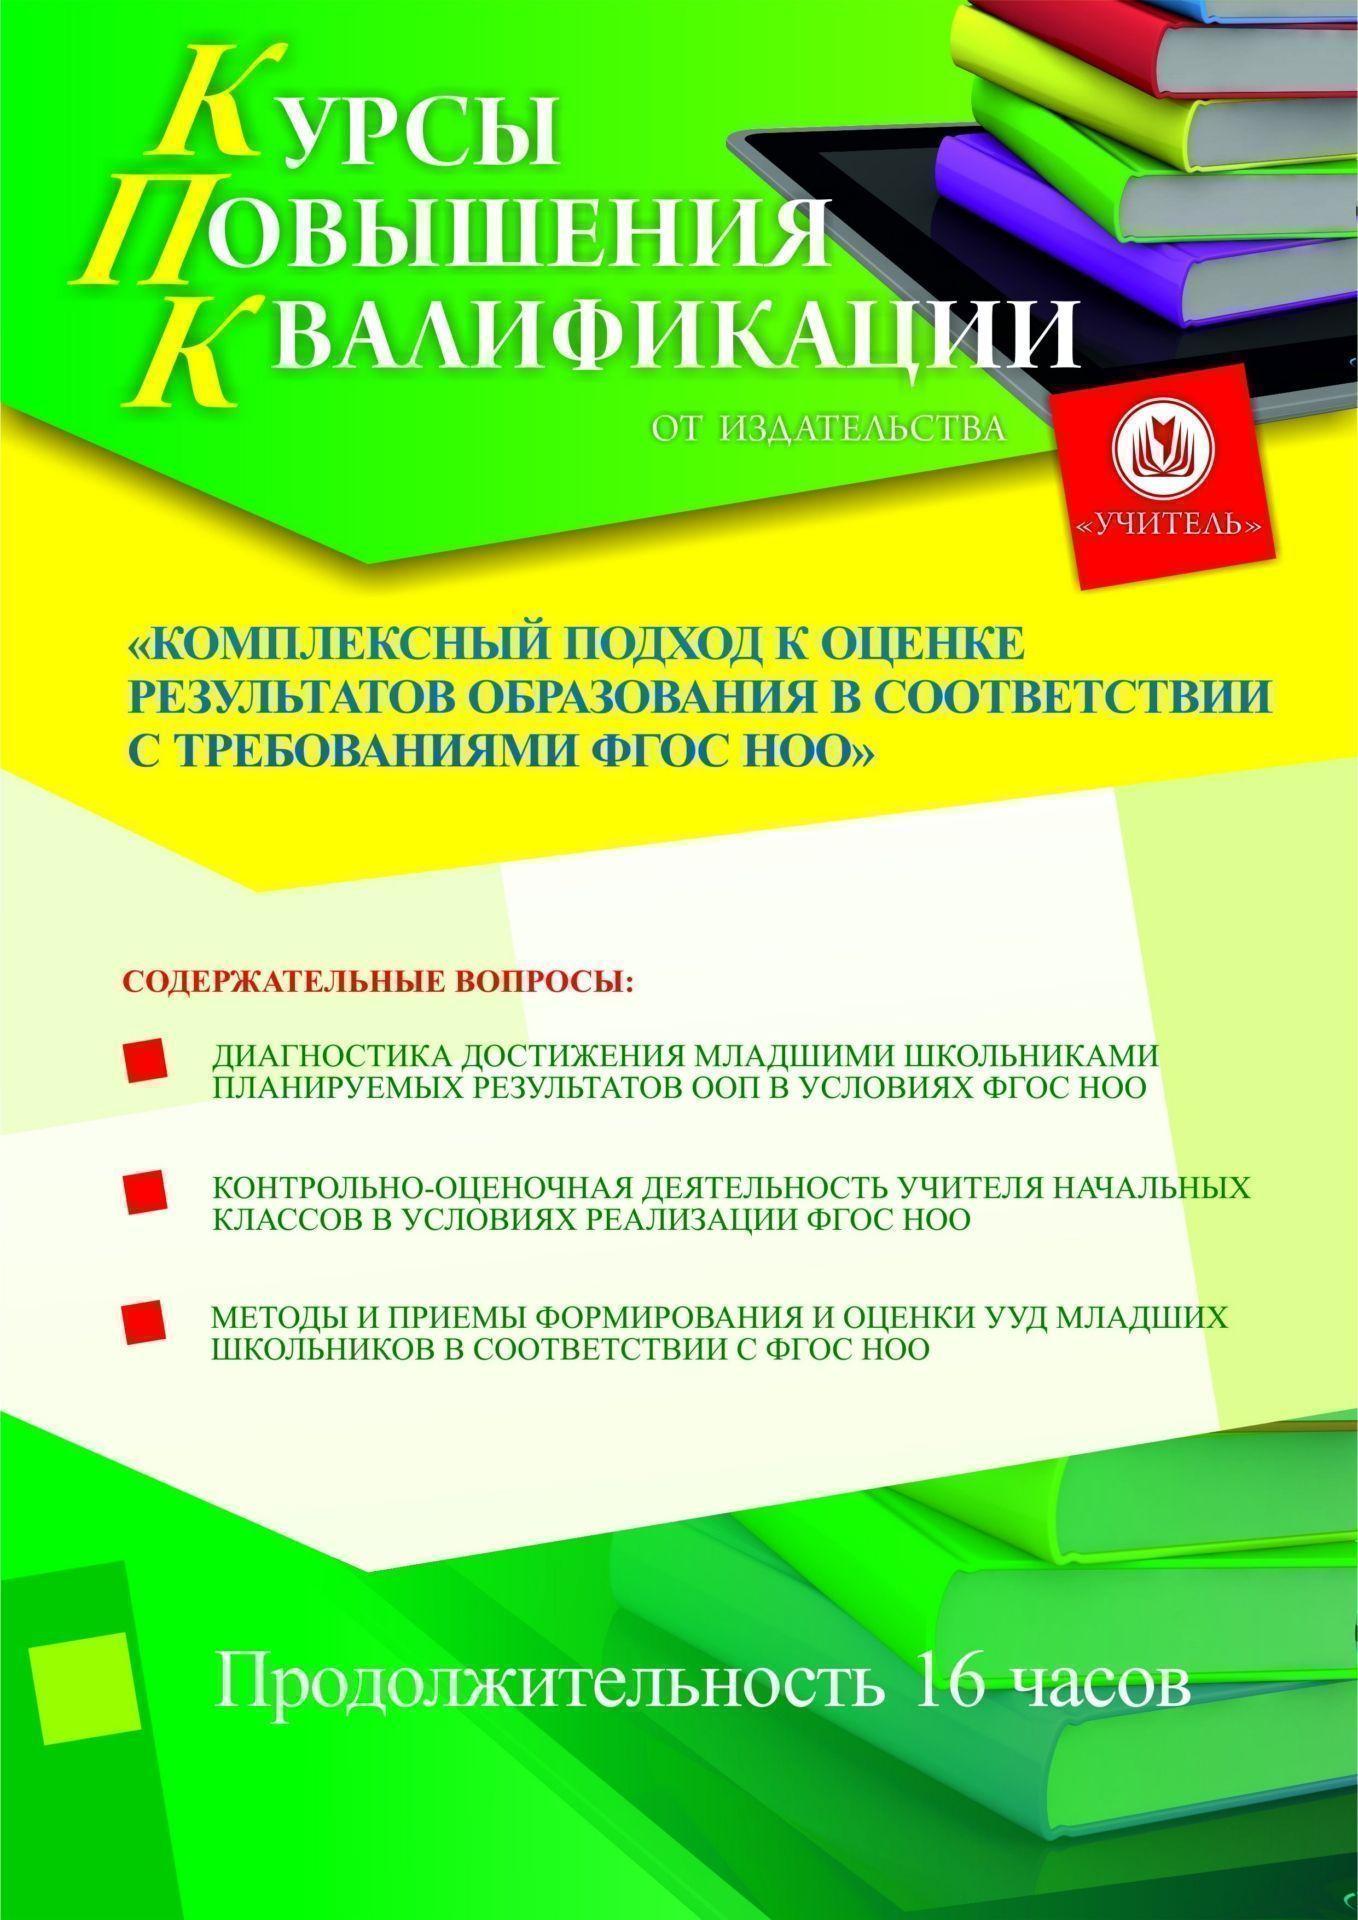 Комплексный подход к оценке результатов образования в соответствии с требованиями ФГОС НОО (16 ч.) фото